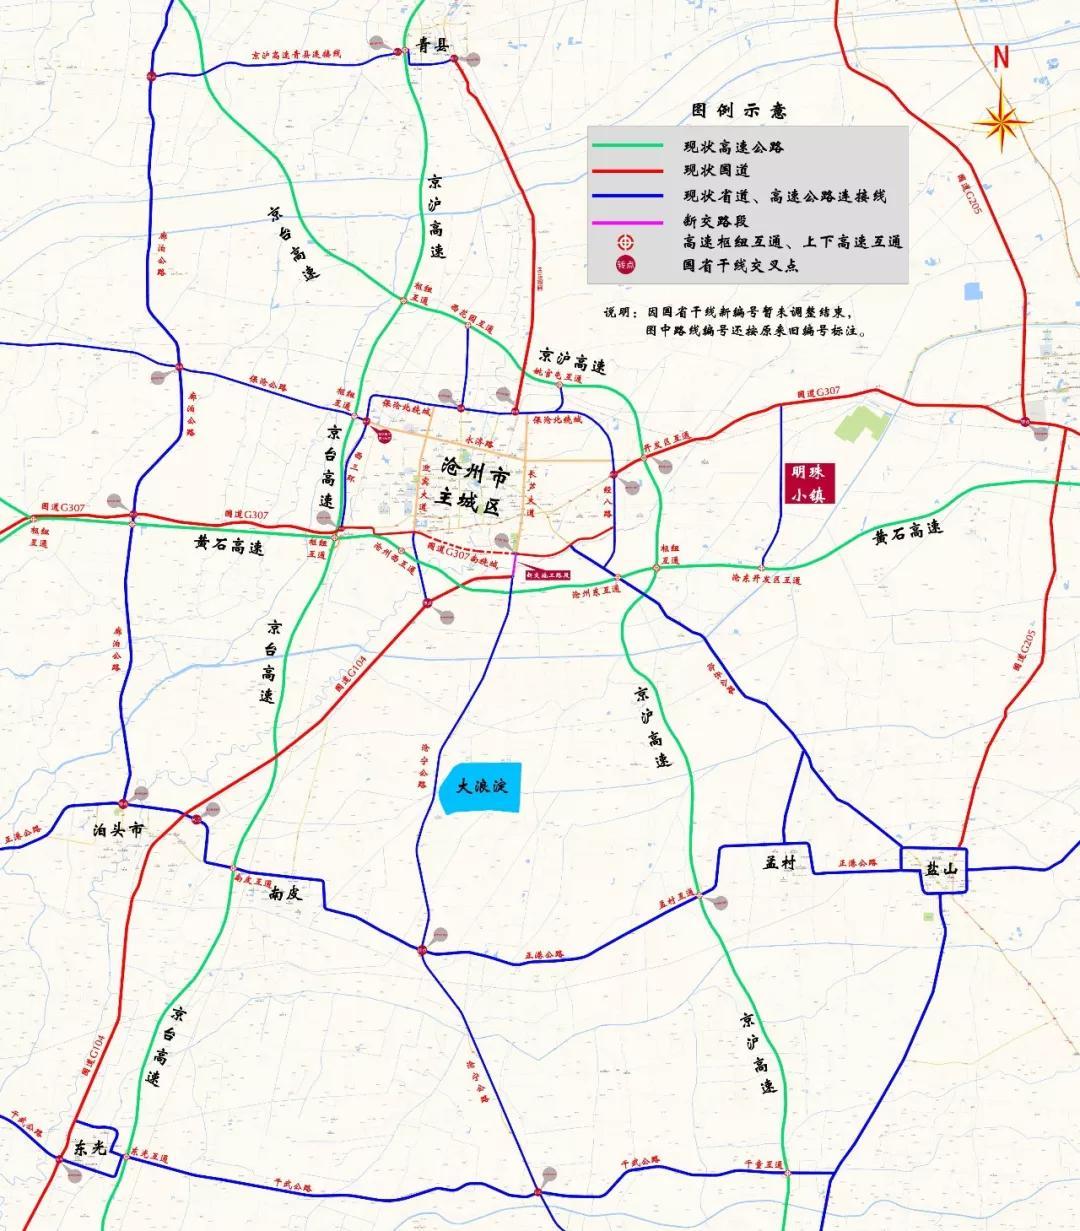 沧州:104国道307沧州南绕城至沧宁公路起点段断交